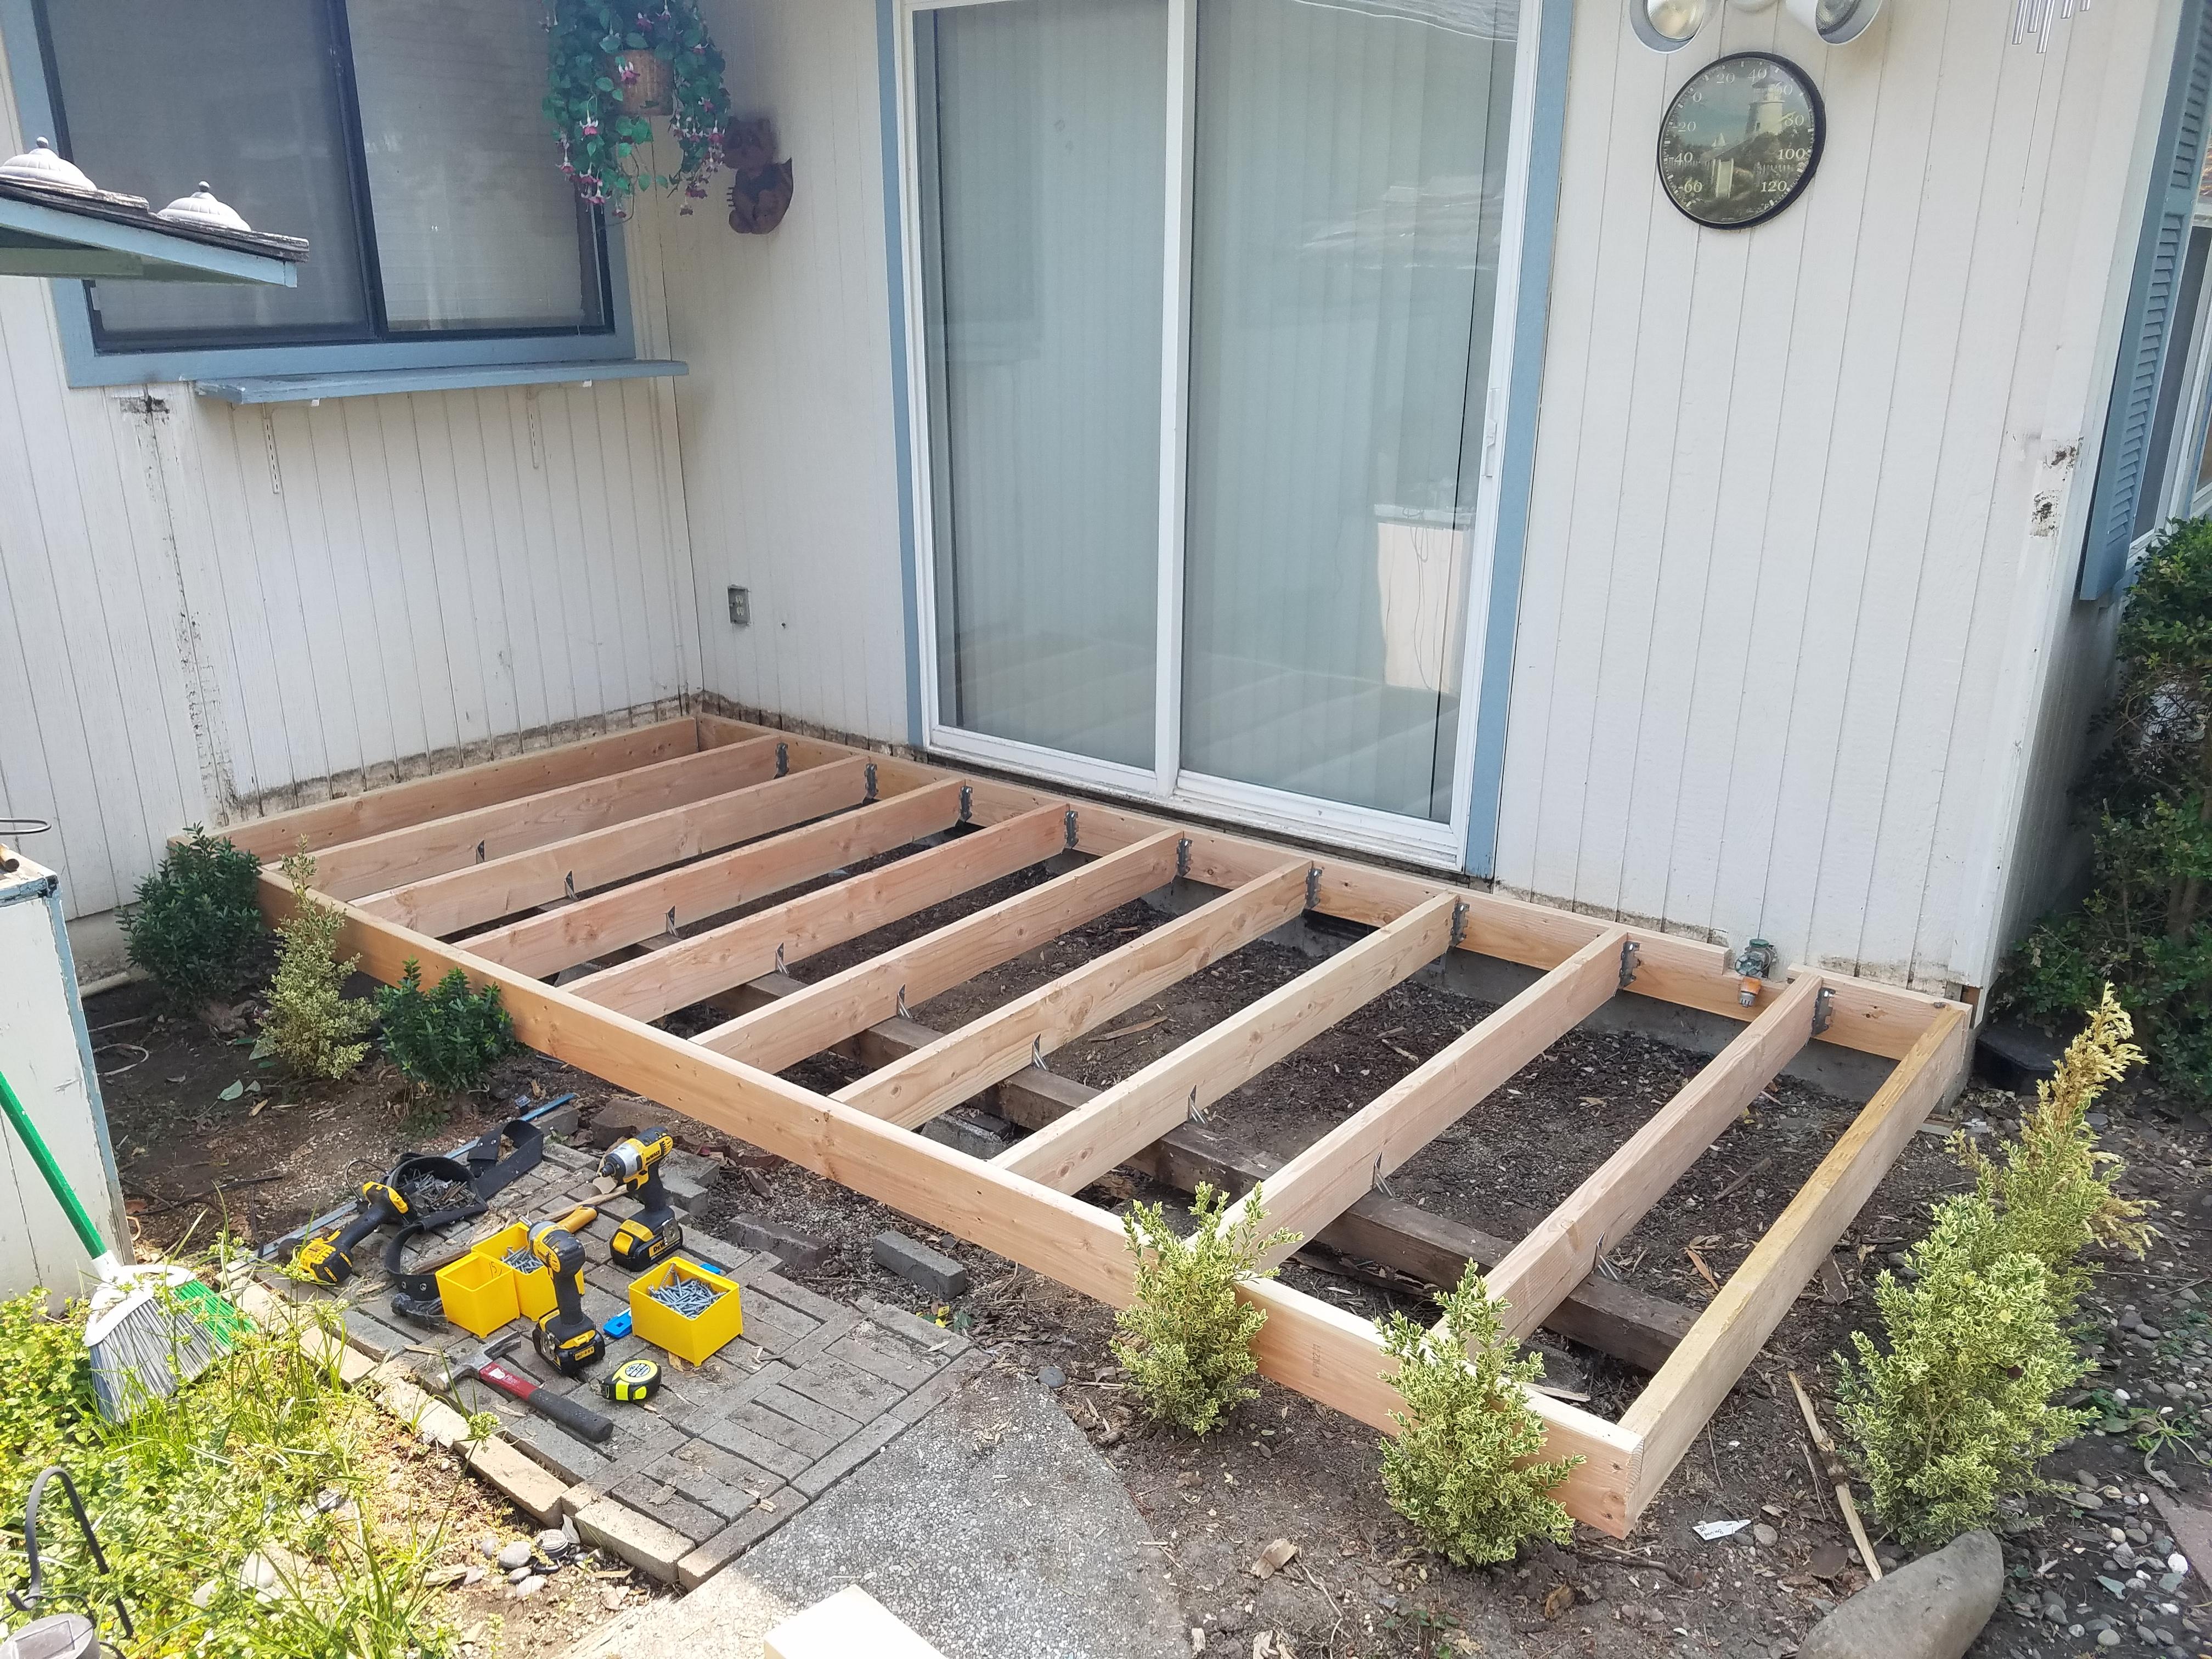 Deck rebuild start